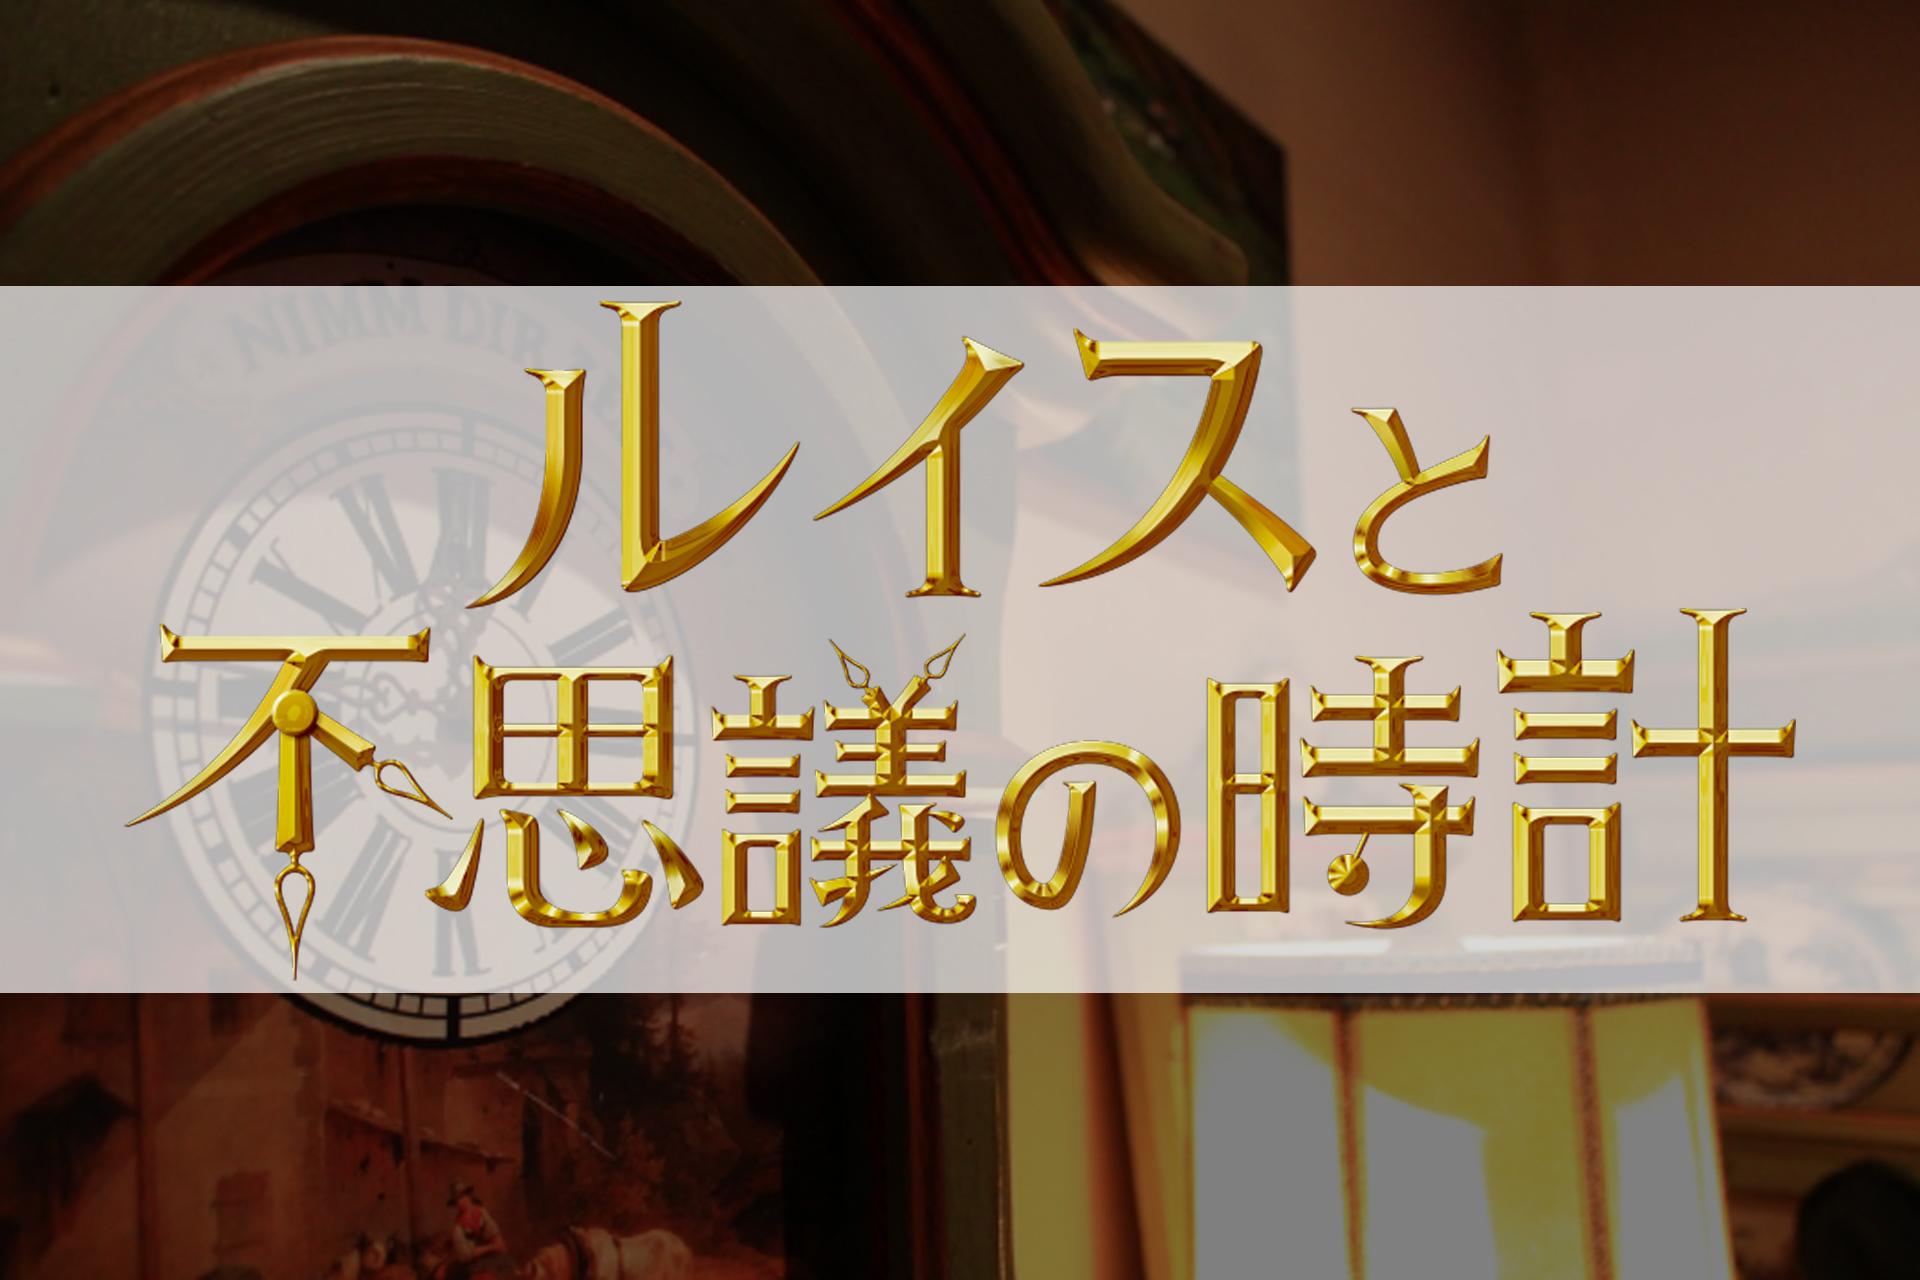 ちょっぴりダークな魔法ファンタジー!映画『ルイスと不思議の時計』吹き替え版レビュー